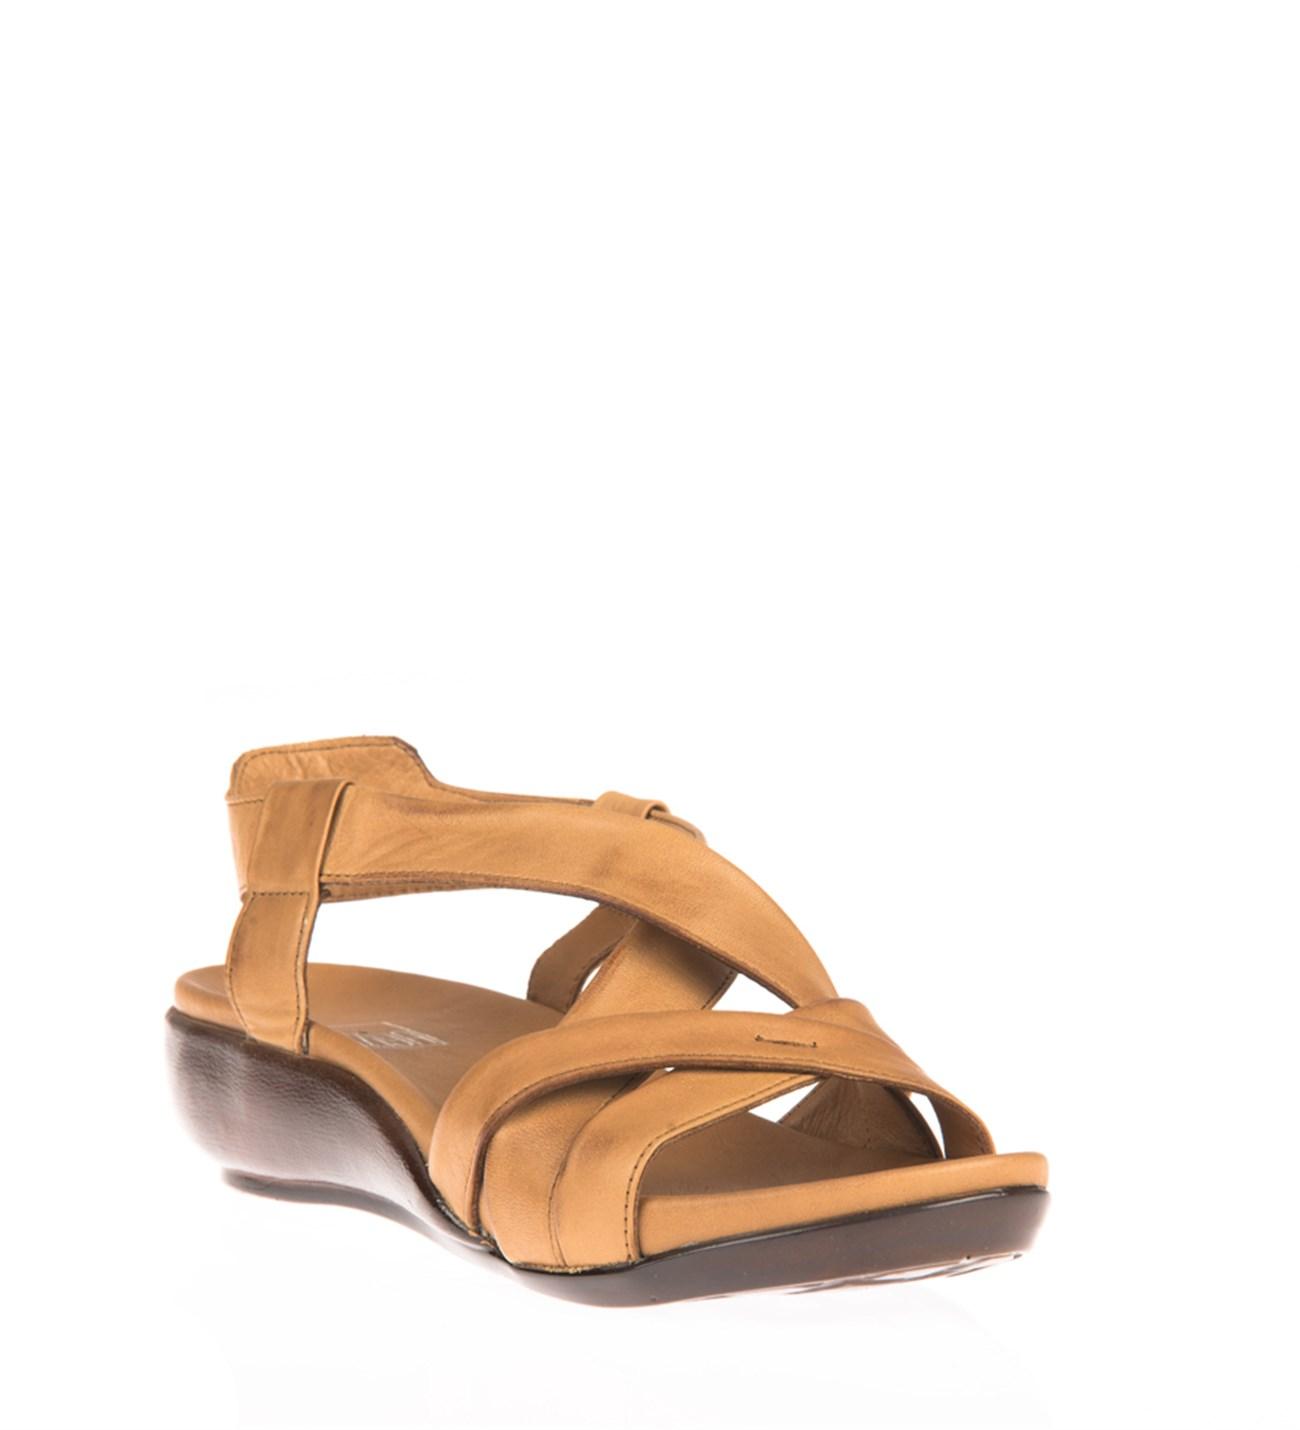 Ziya Kadın Hakiki Deri Sandalet 8176 9038 Taba